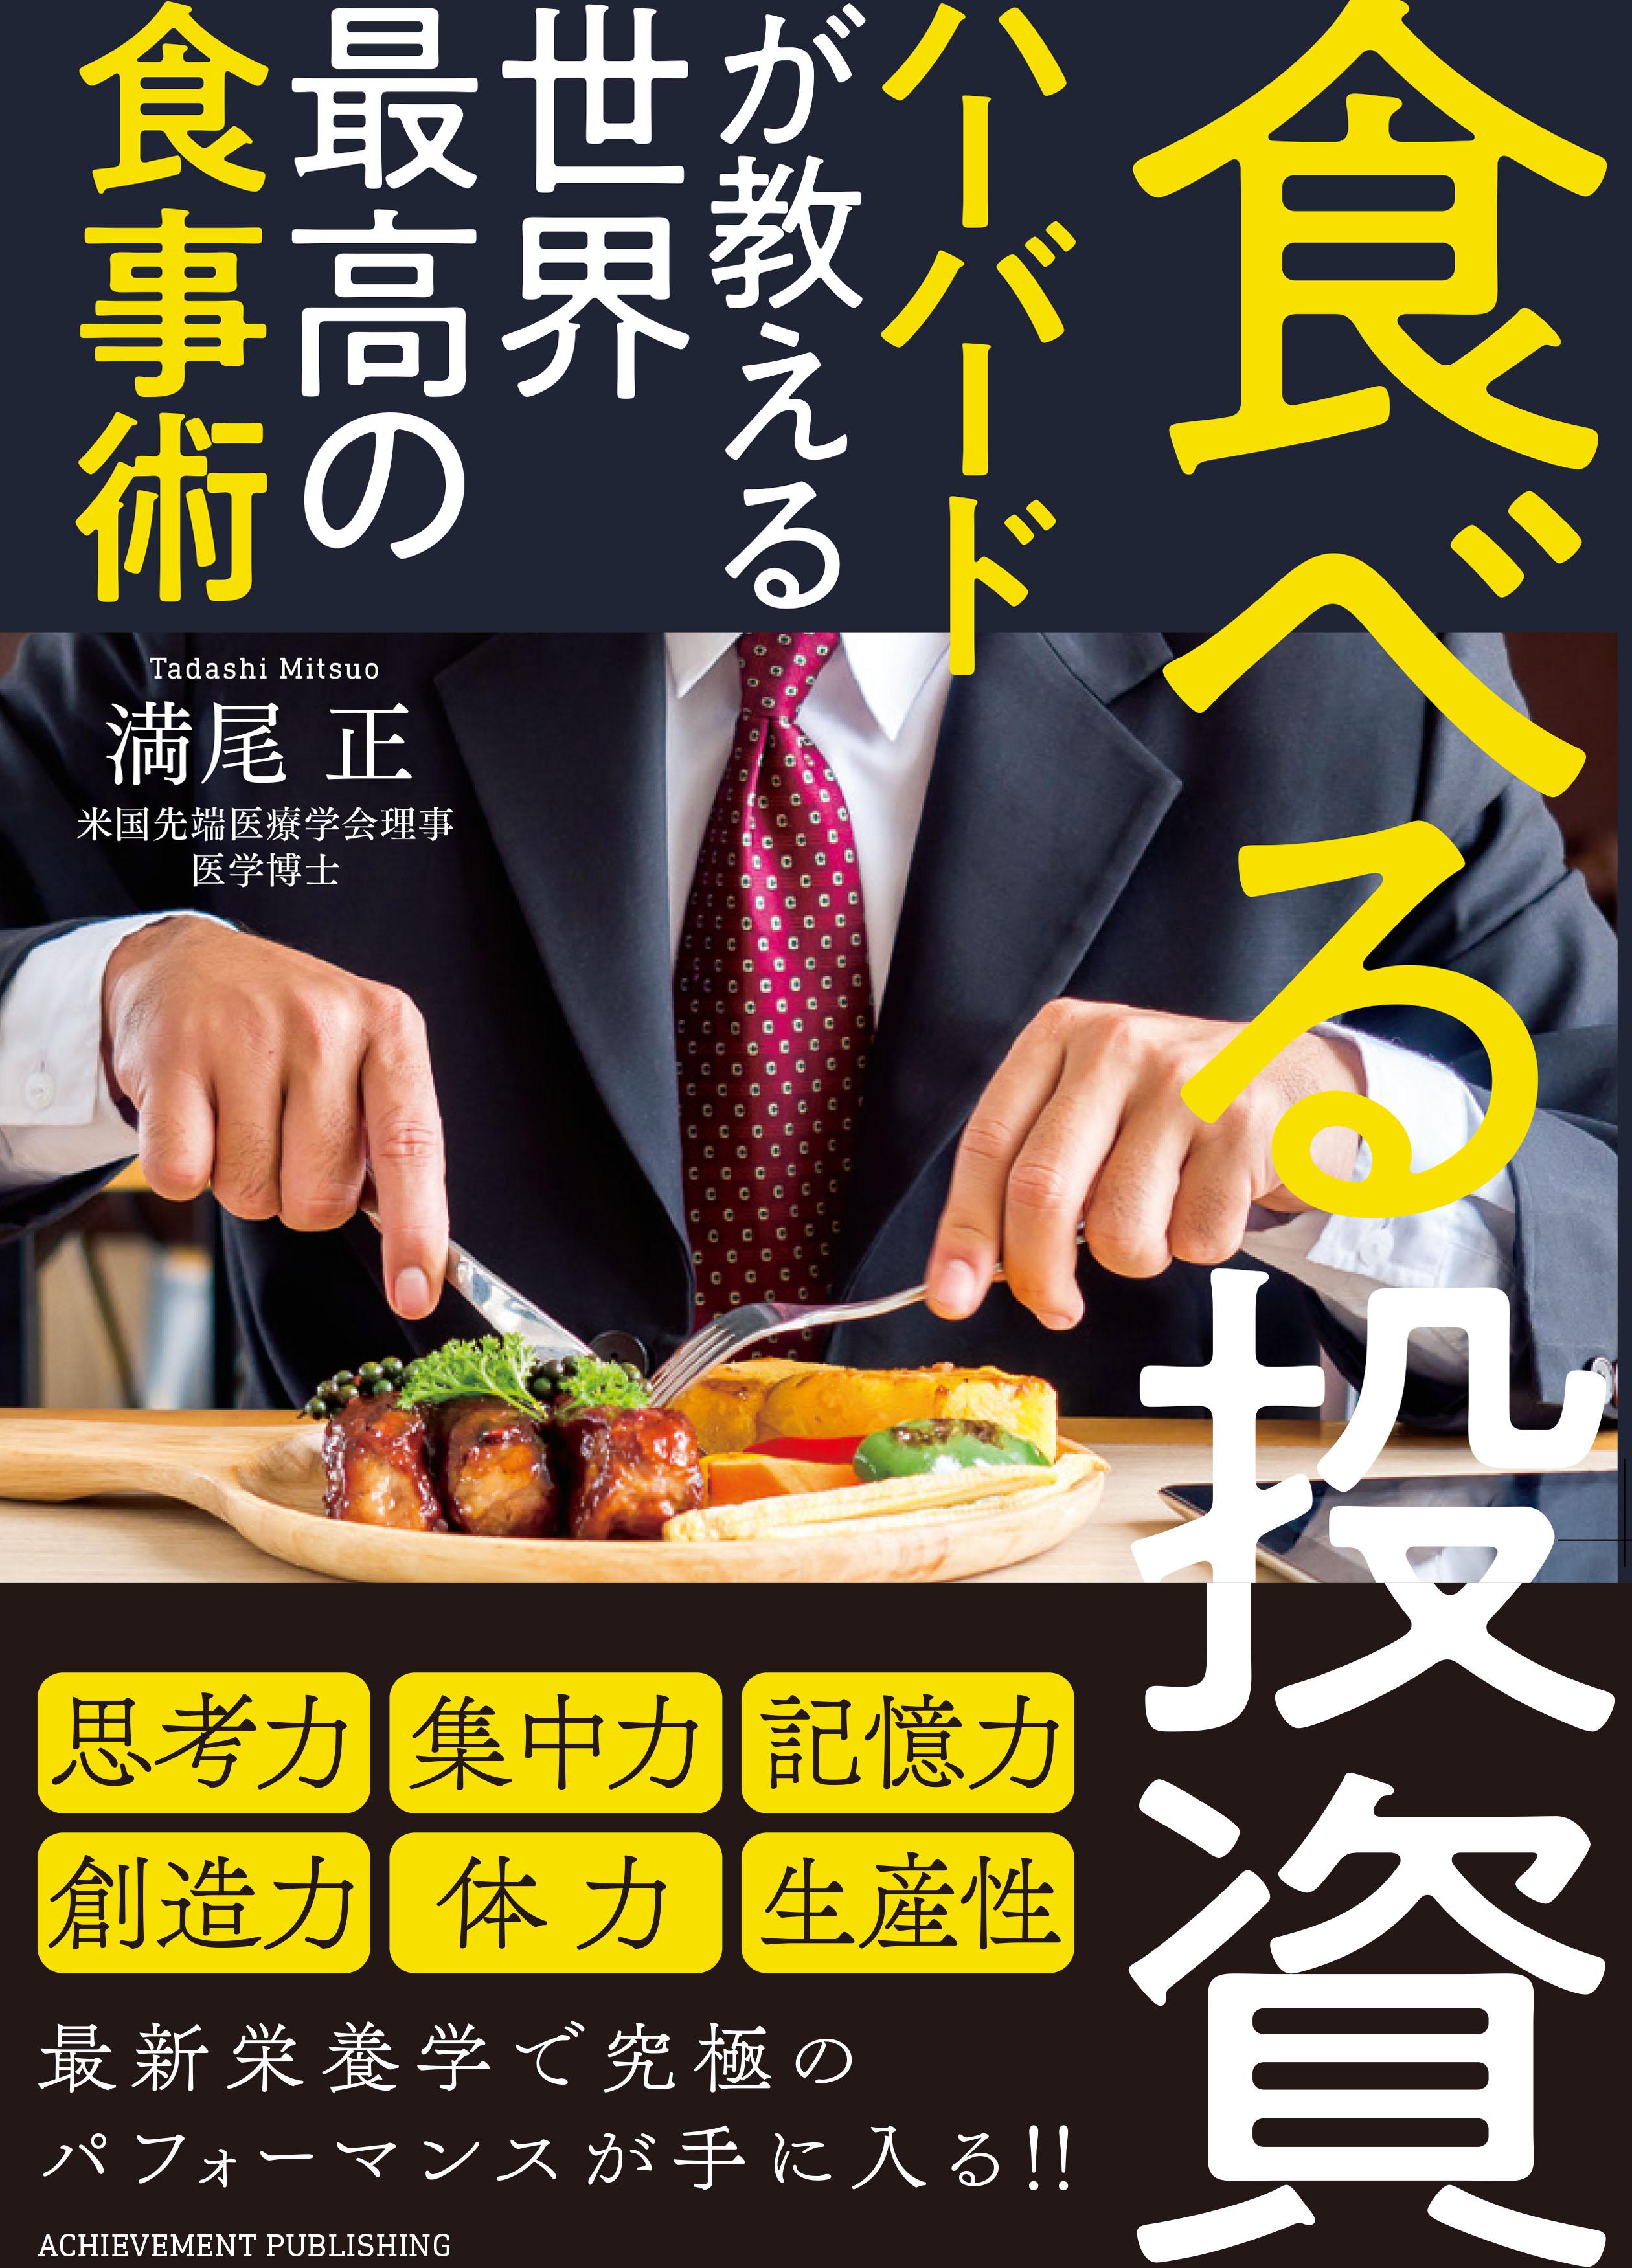 食べる投資 ~ハーバードが教える世界最高の食事術~の画像1